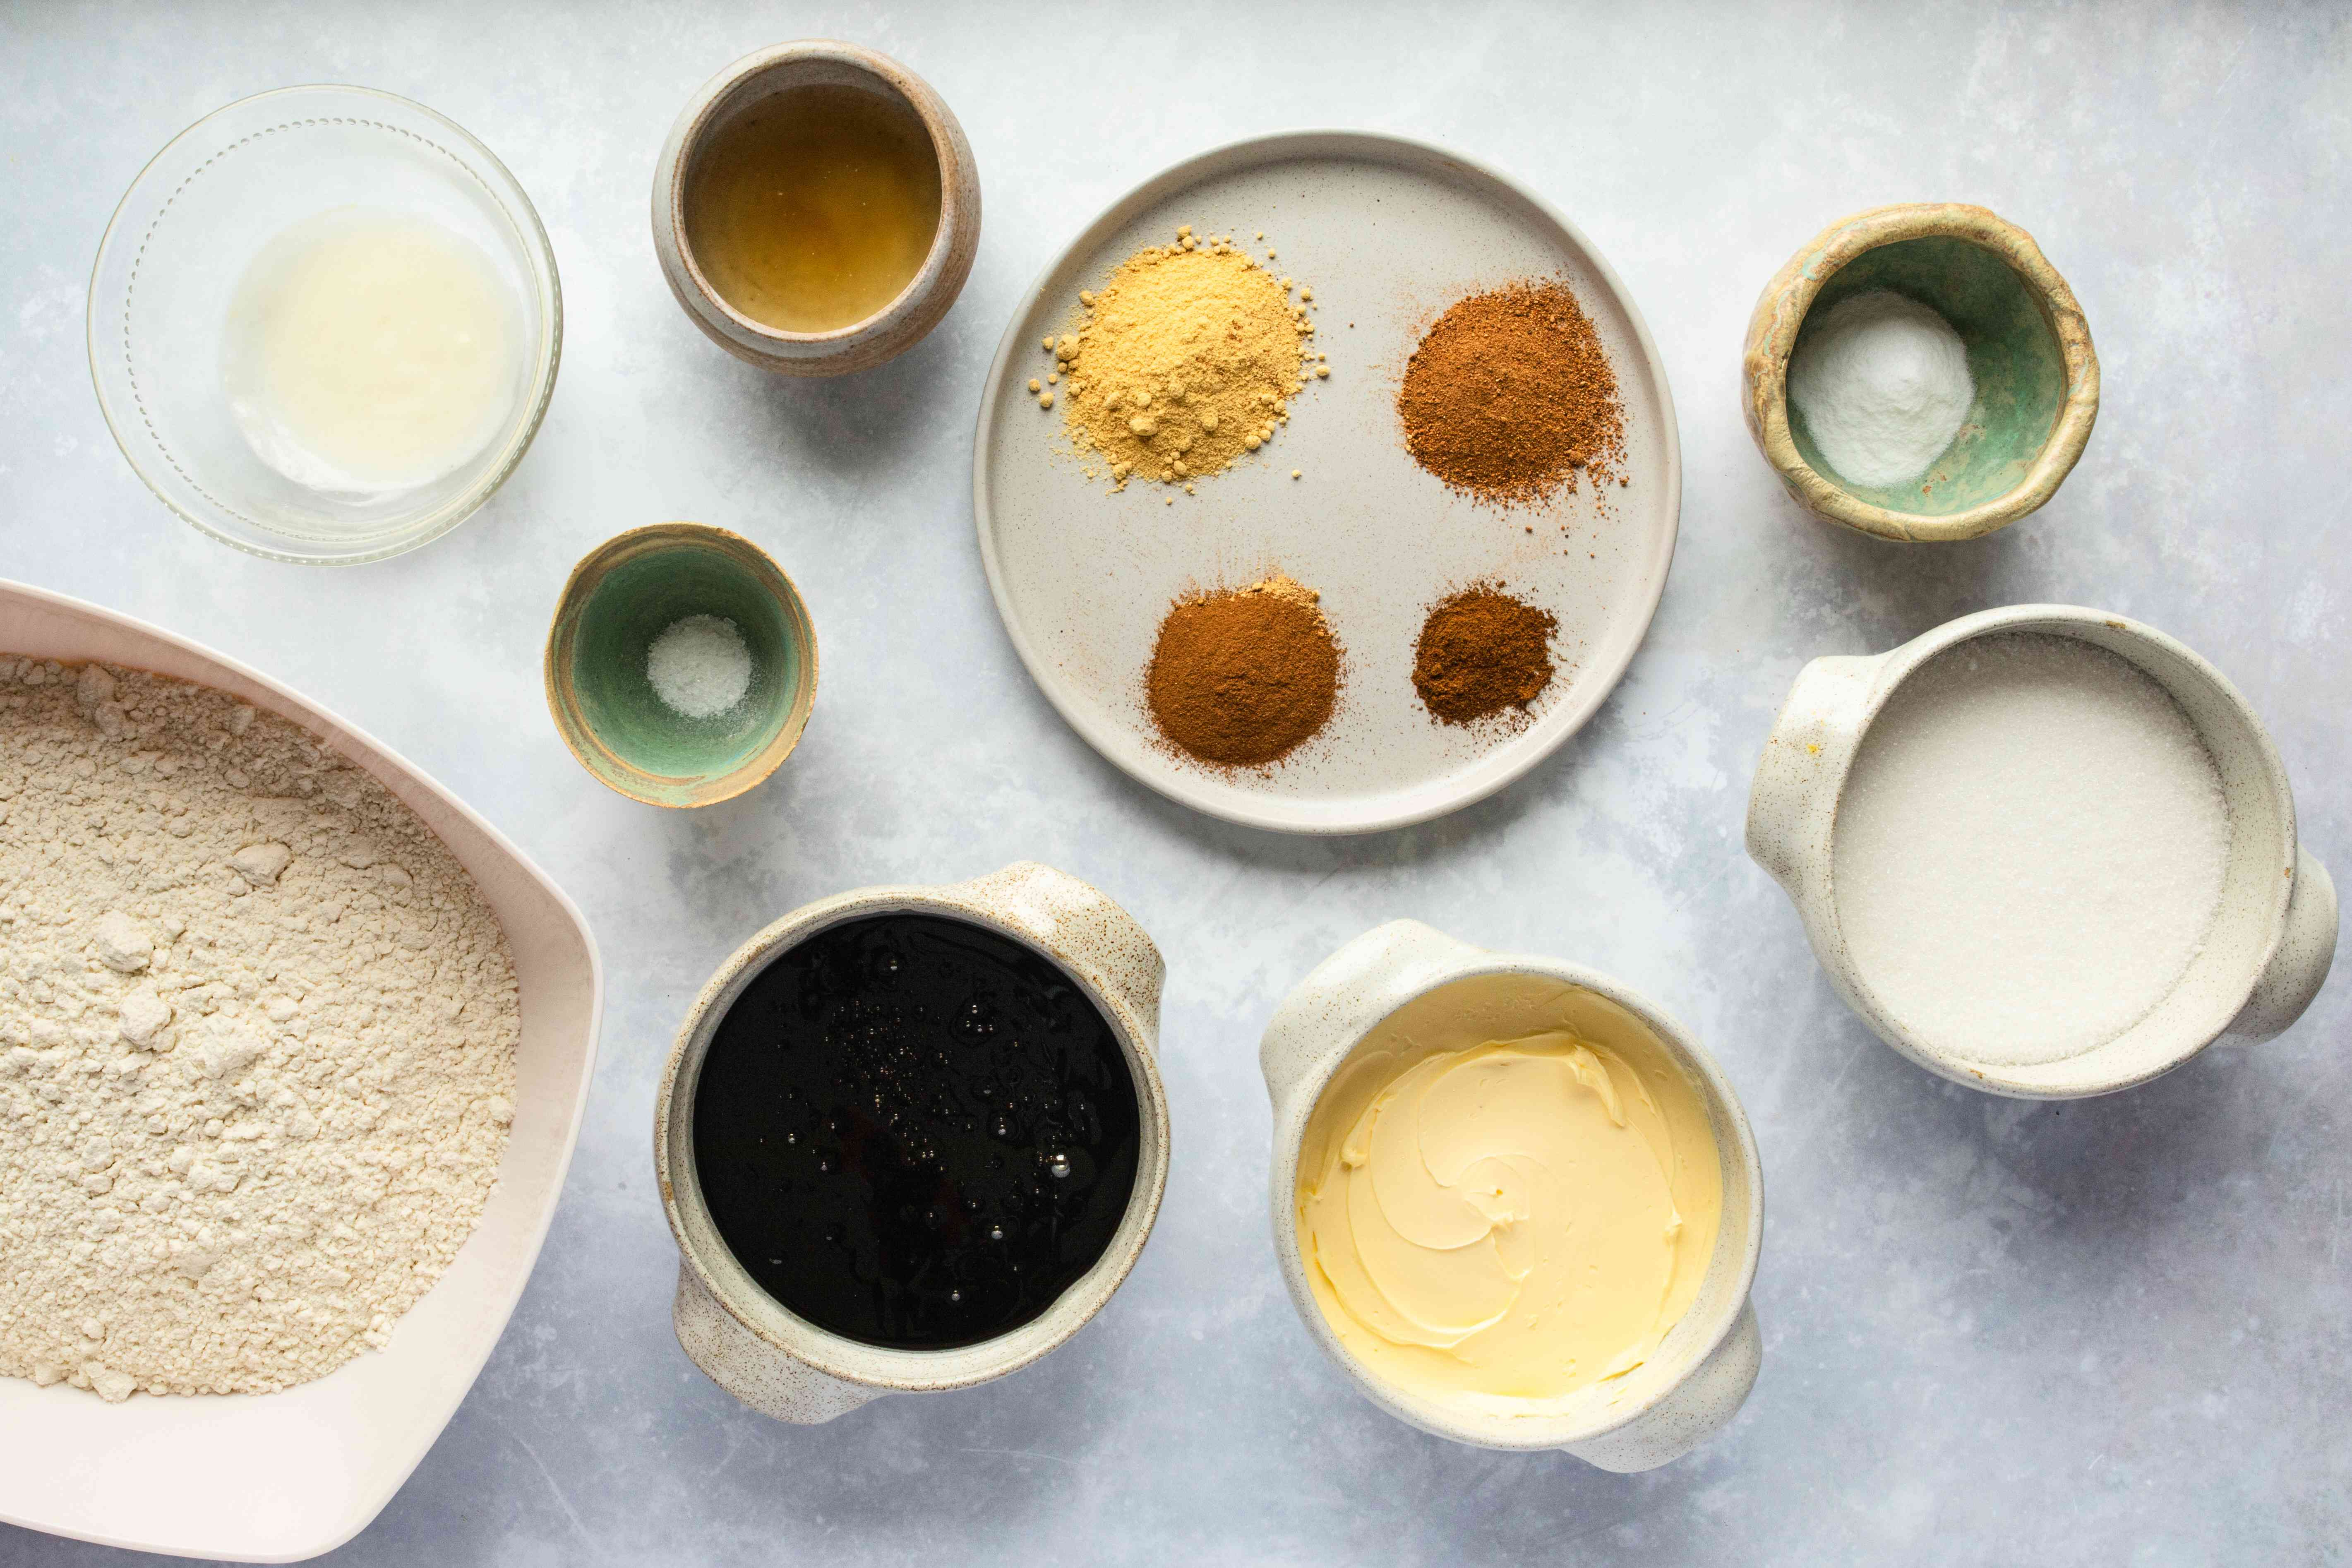 Ingredients for vegan gingerbread cookies